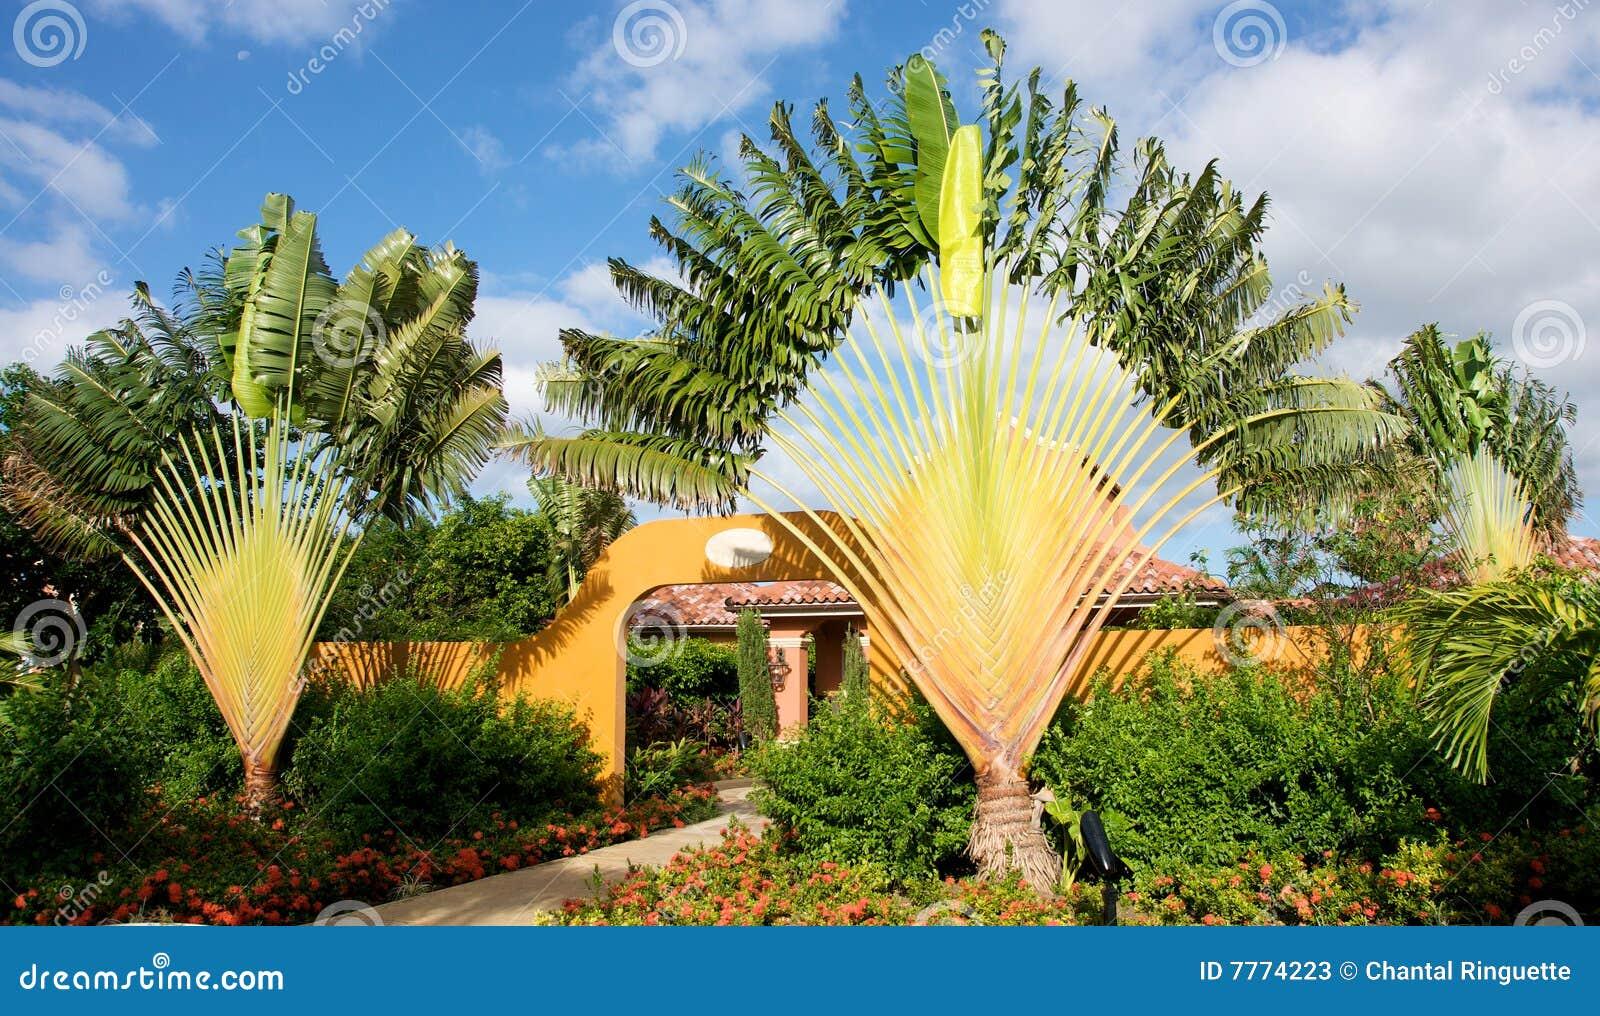 imagens jardins lindos:Fotos de Stock: Jardins tropicais bonitos